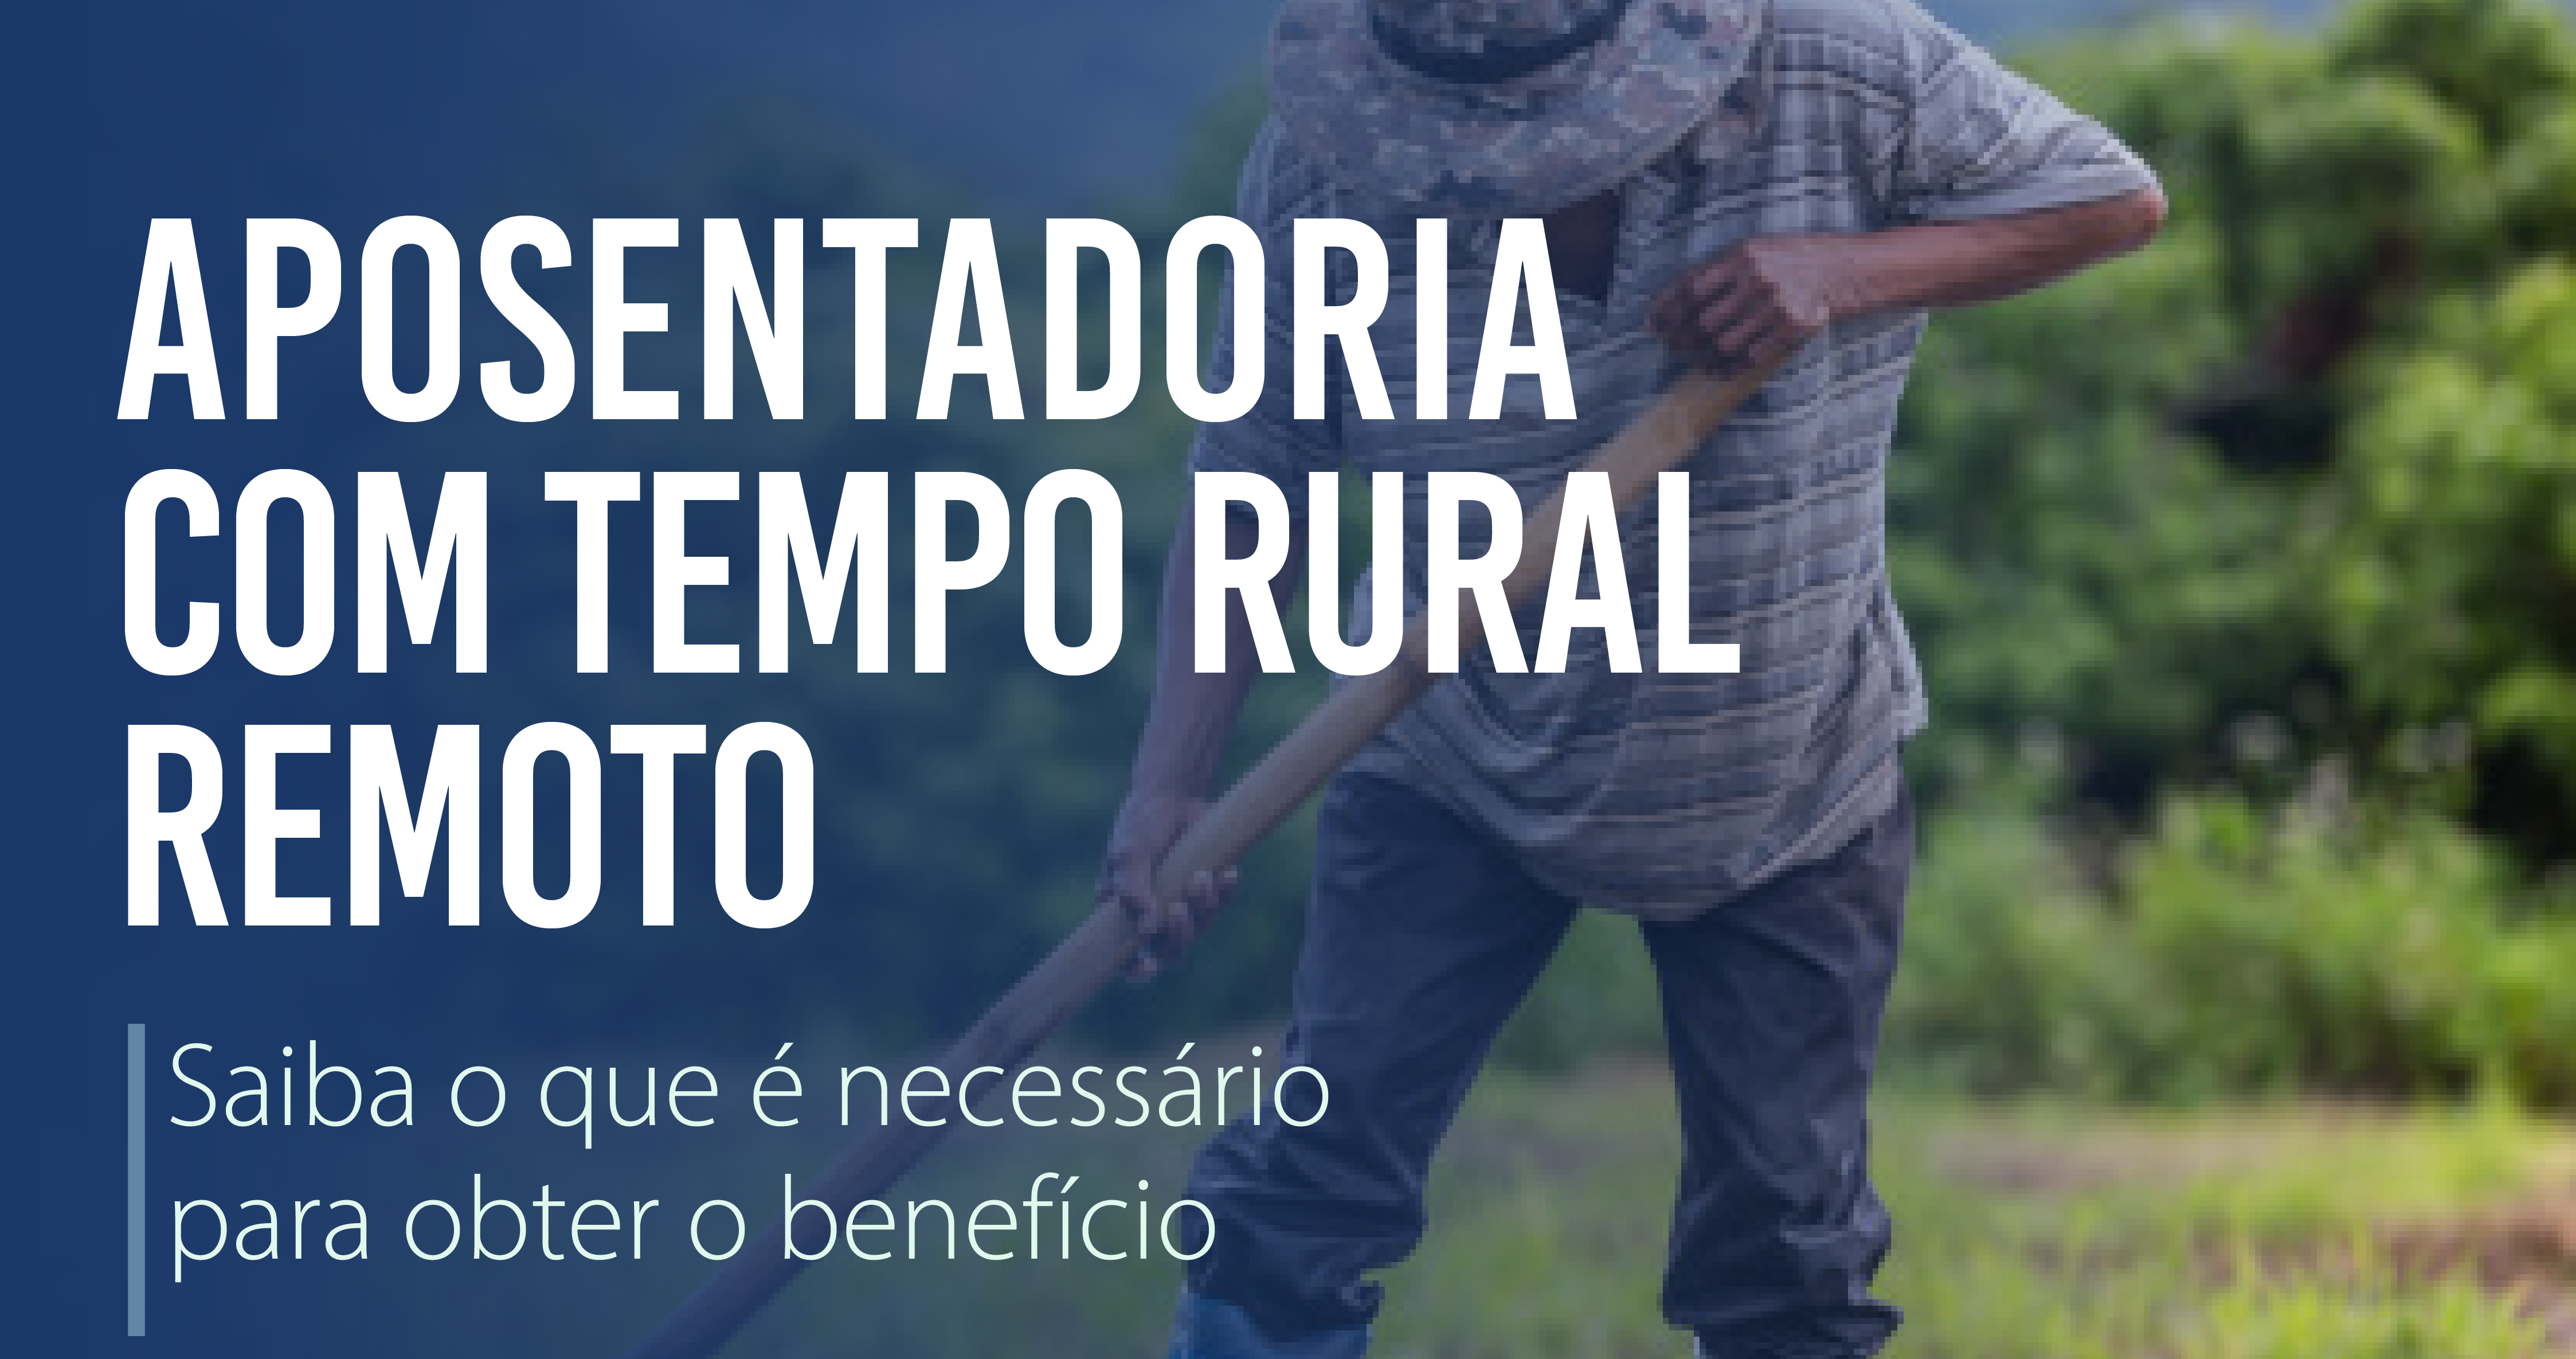 O que é necessário para obter a aposentadoria por tempo rural remoto?